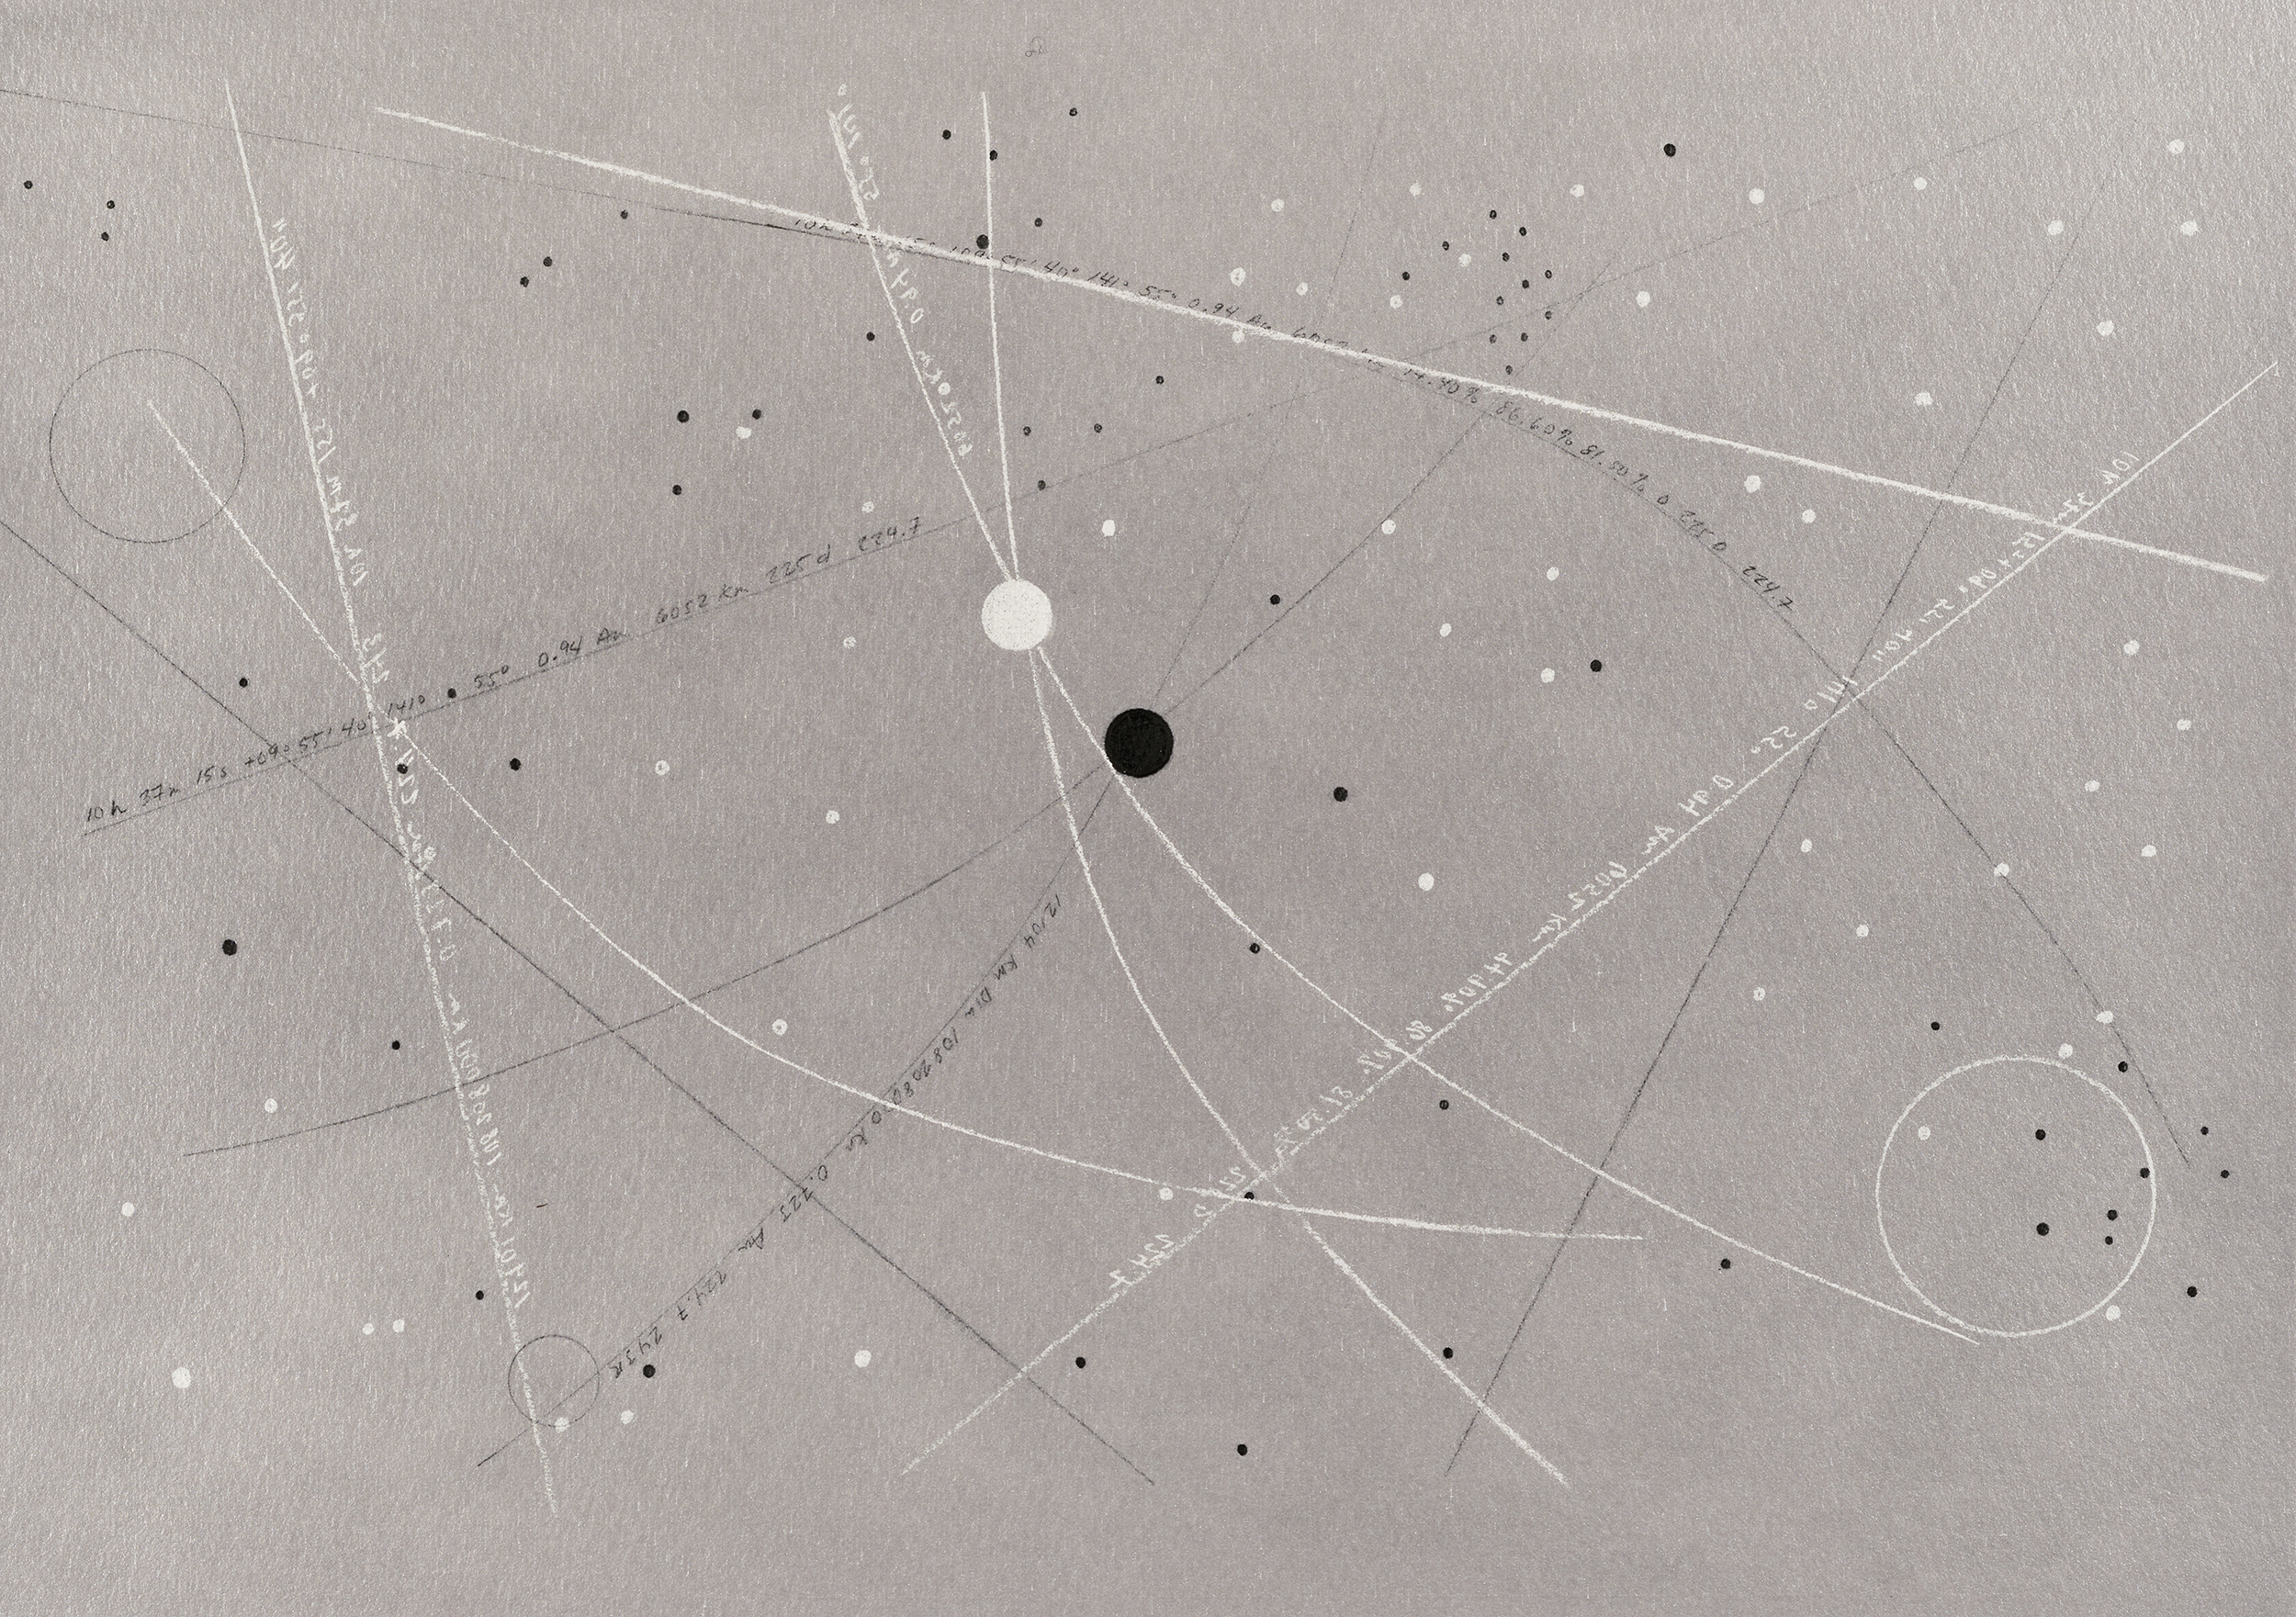 Venus- 12,104 km Dia  2019  Archival Pigment Print  Metallic Paper  11 x 14 inches  (27.9 x 35.5 cm)